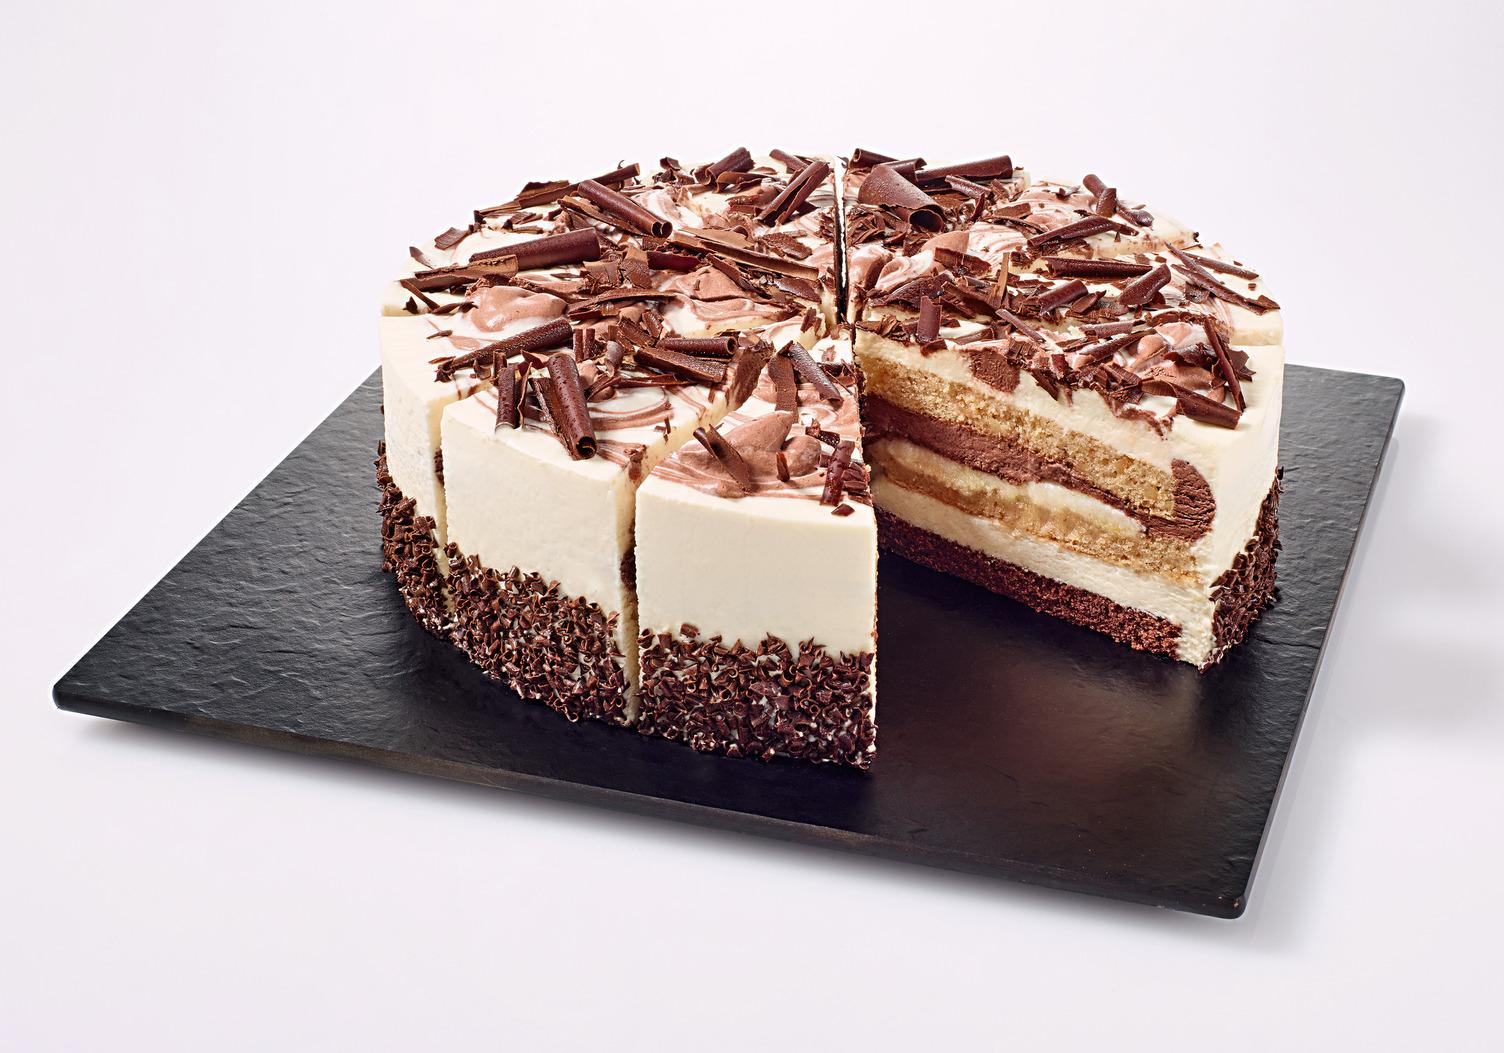 NESTLE SCHOELLER UNSERE PRACHTSTÜCKE CLASSICS Marzipan-Torte vorgeschnitten 1900 g